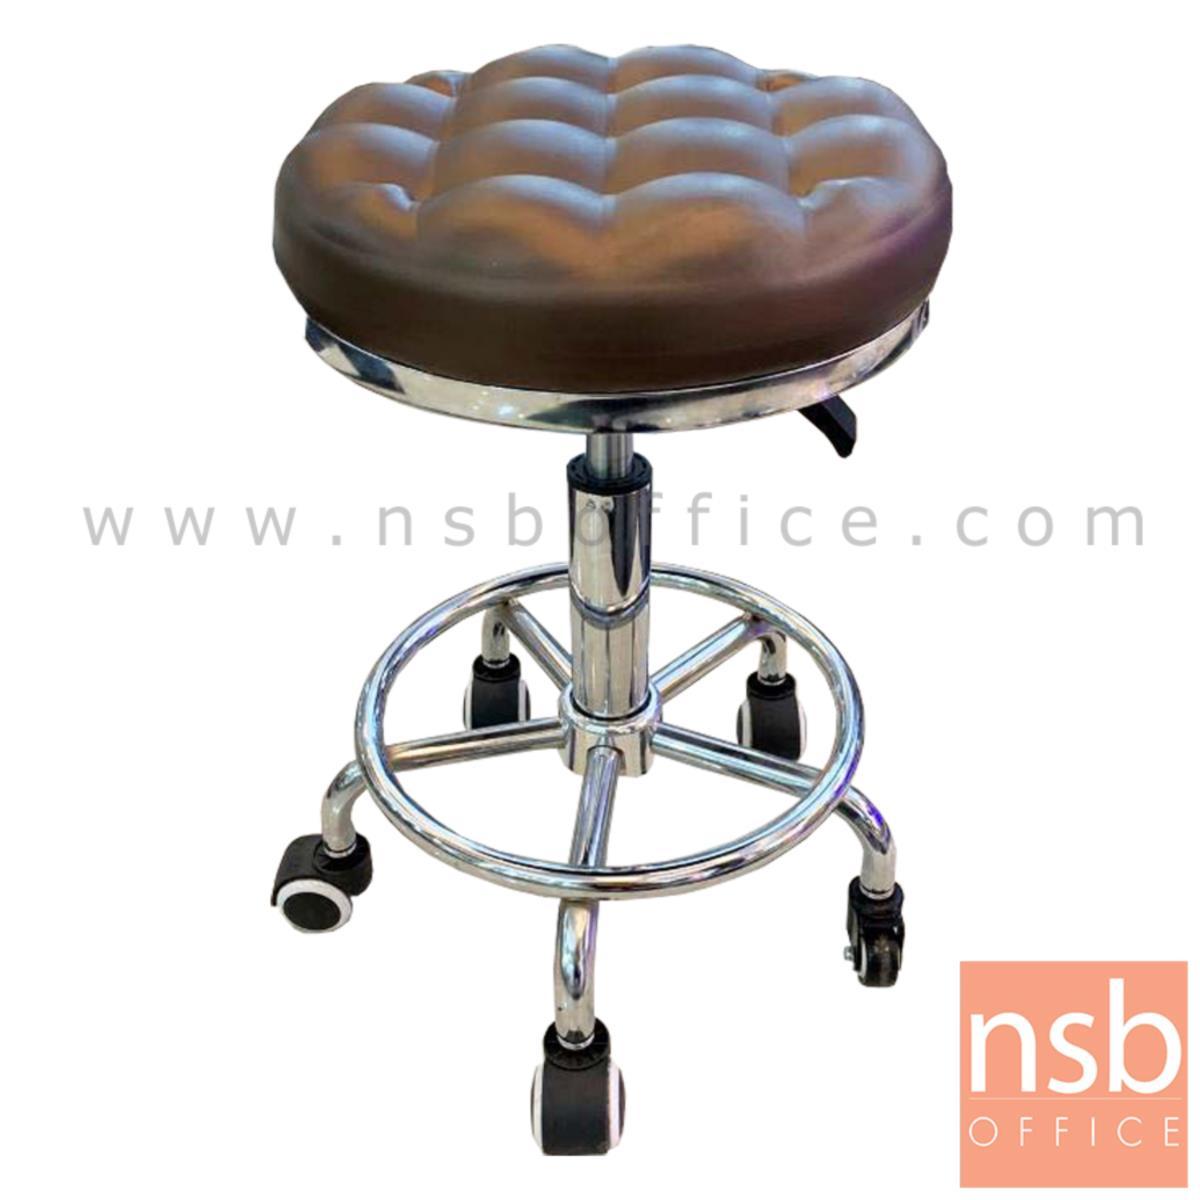 B02A078:เก้าอี้บาร์สตูลที่นั่งกลมล้อเลื่อน รุ่น Caspian (แคสเปียน)  โช๊คแก๊ส ขาเหล็กชุบโครเมี่ยม